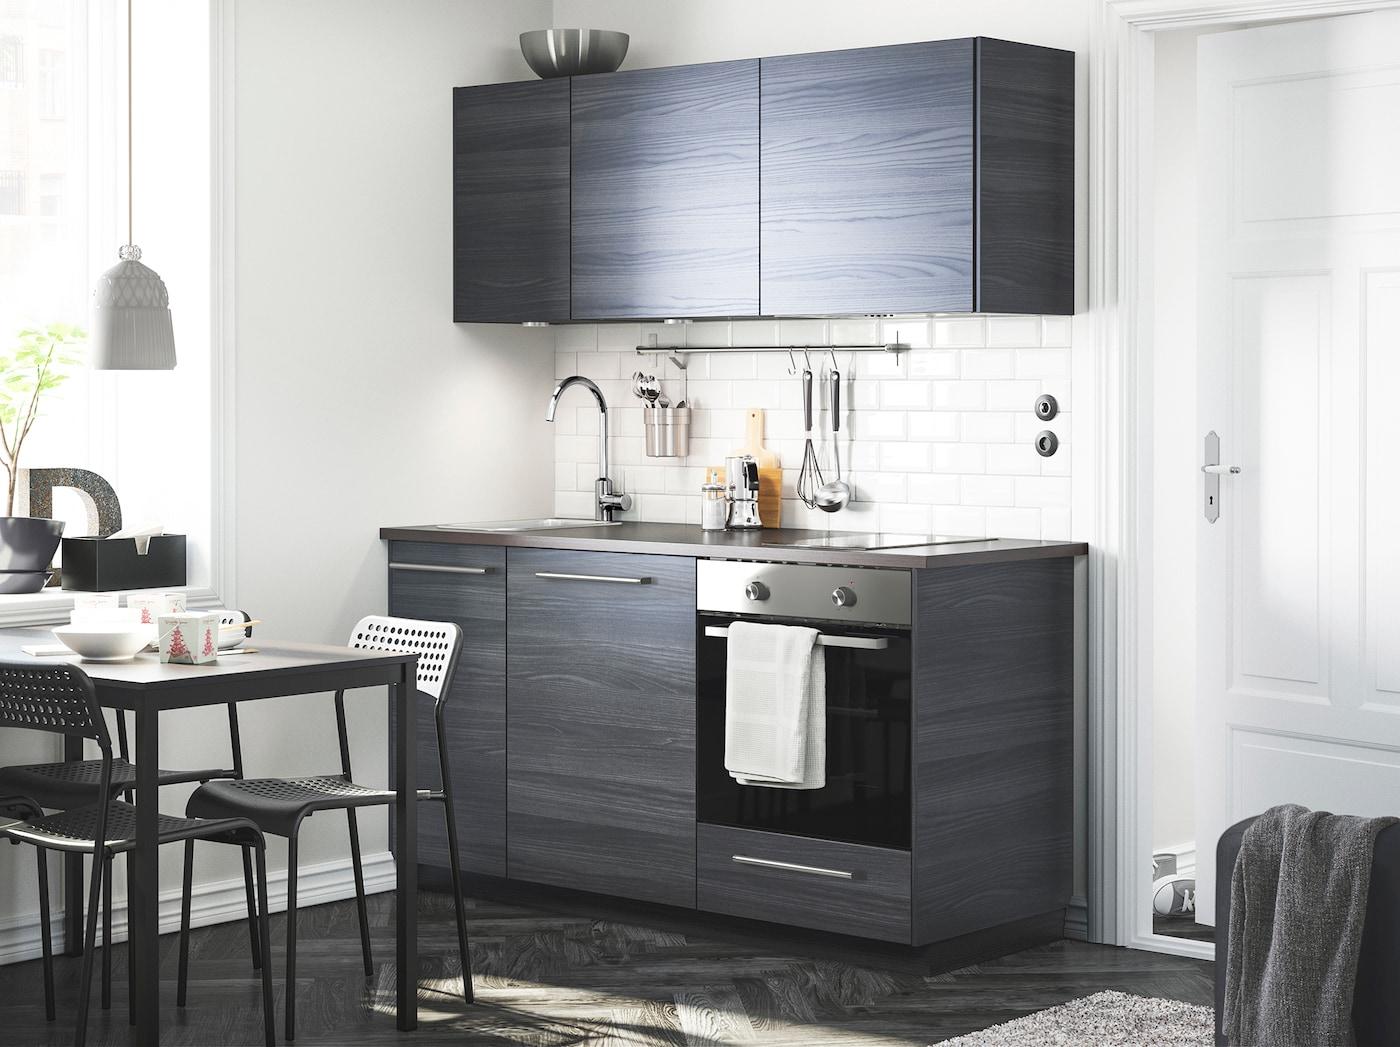 Dunkle InspirationSchwarzeamp; Dunkle Küchen Küchen Ikea InspirationSchwarzeamp; qUSpjGLzMV